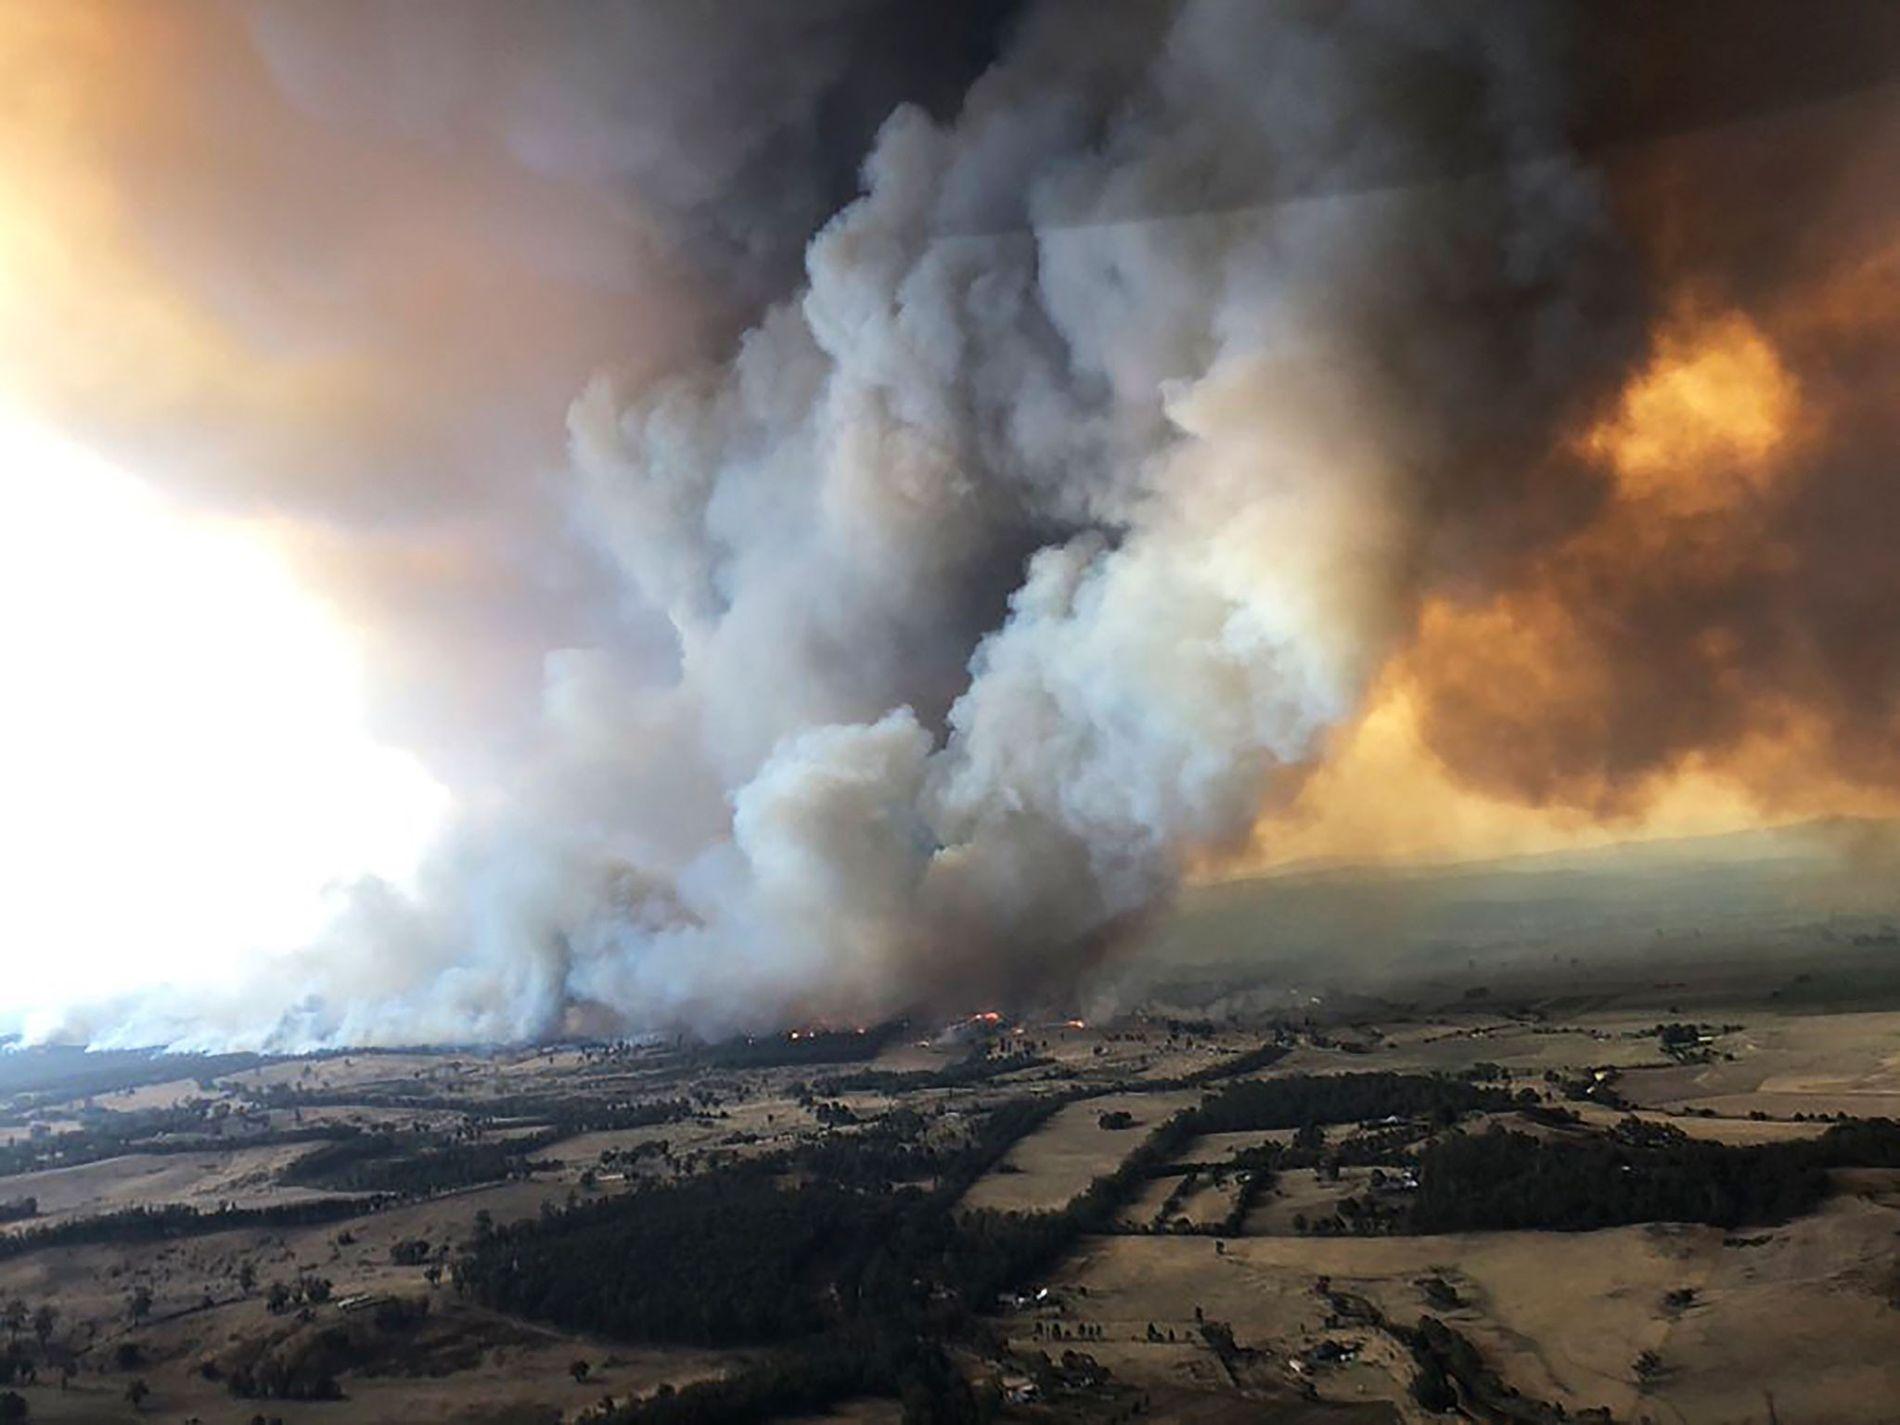 Le 30 décembre 2019, les incendies faisaient rage à Bairnsdale en Australie sous ces immenses panaches ...